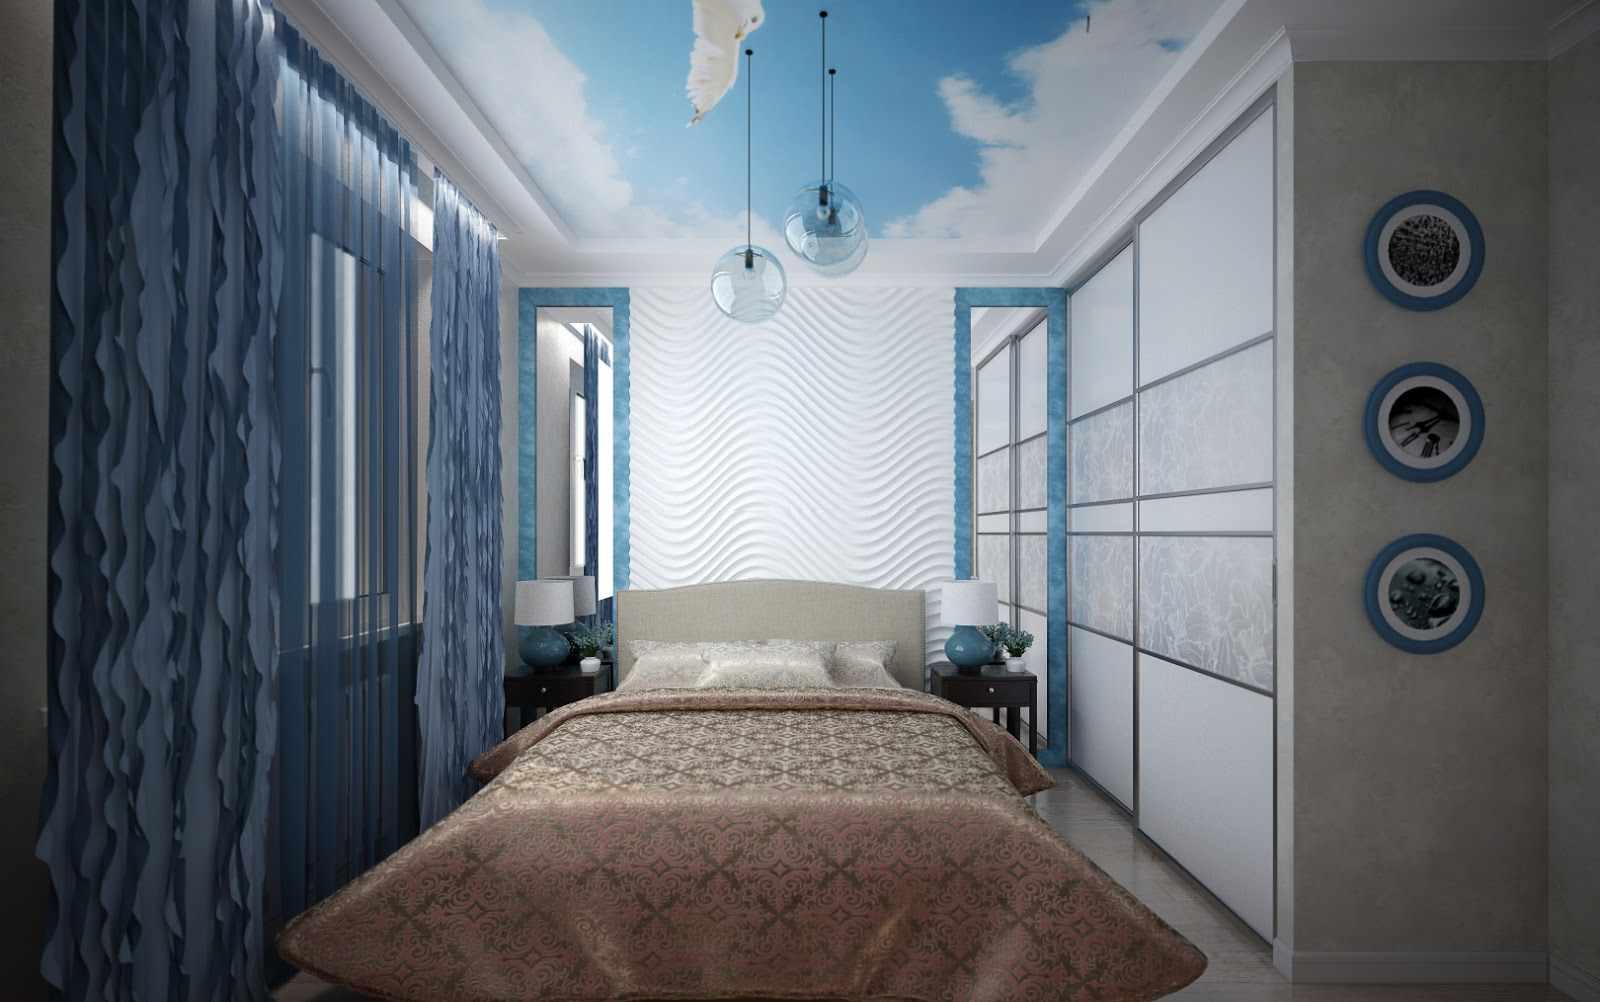 спальня 12 кв м необычный дизайн